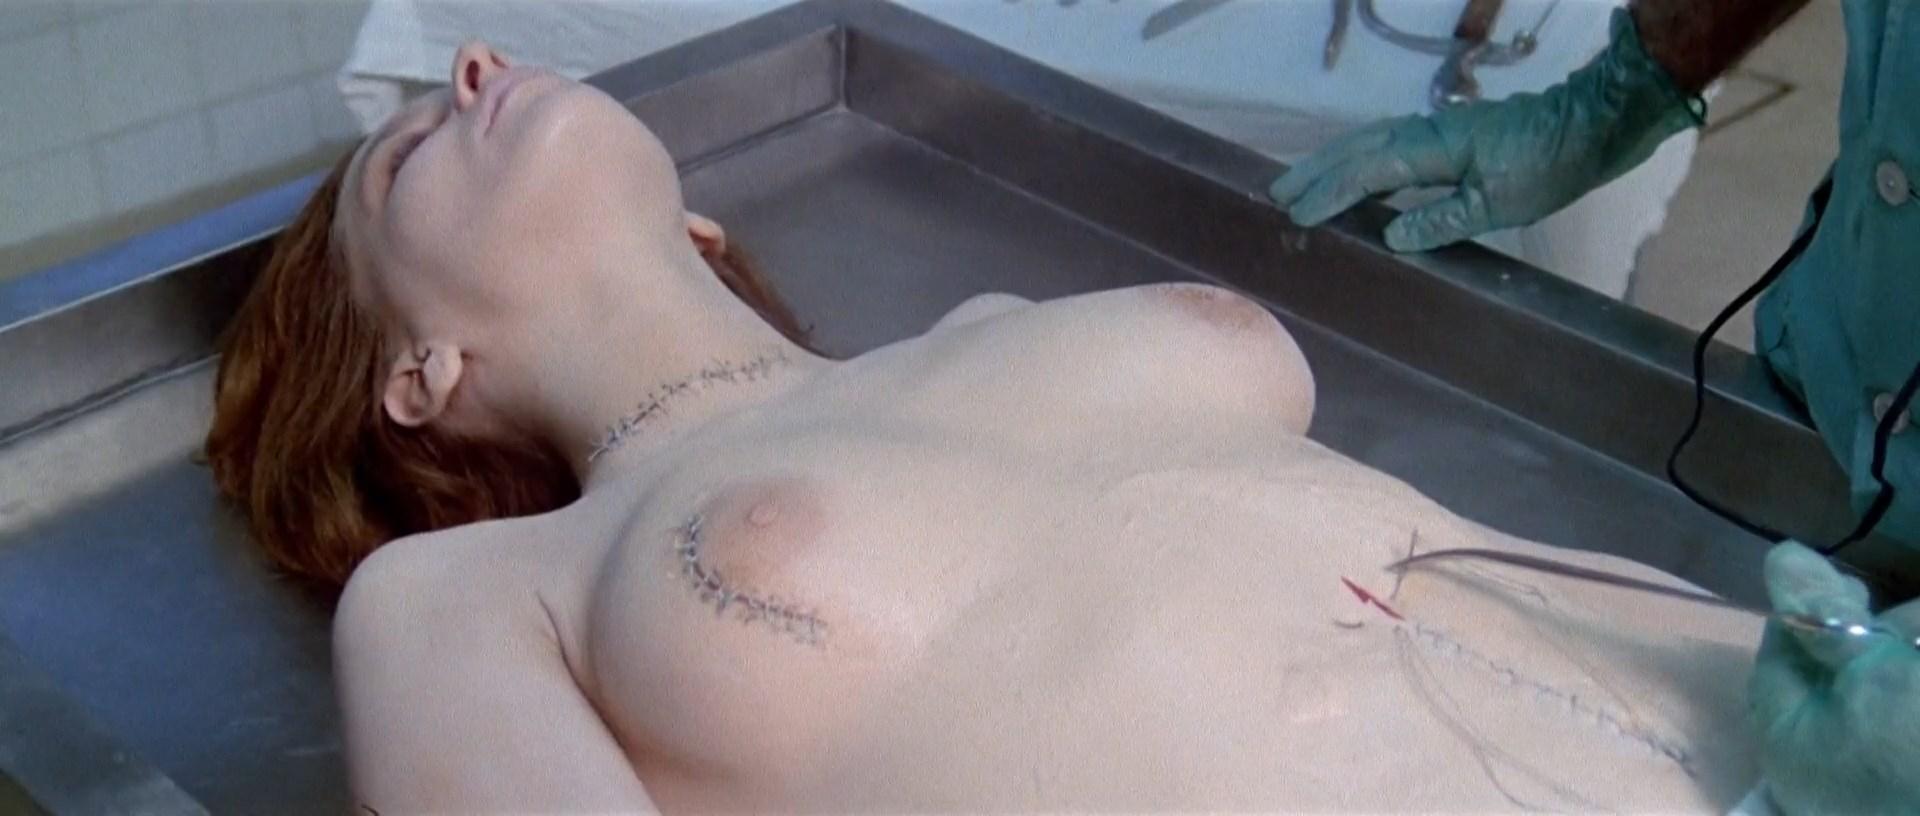 Topless Cinzia De Ponti nude (74 pics) Selfie, Instagram, braless